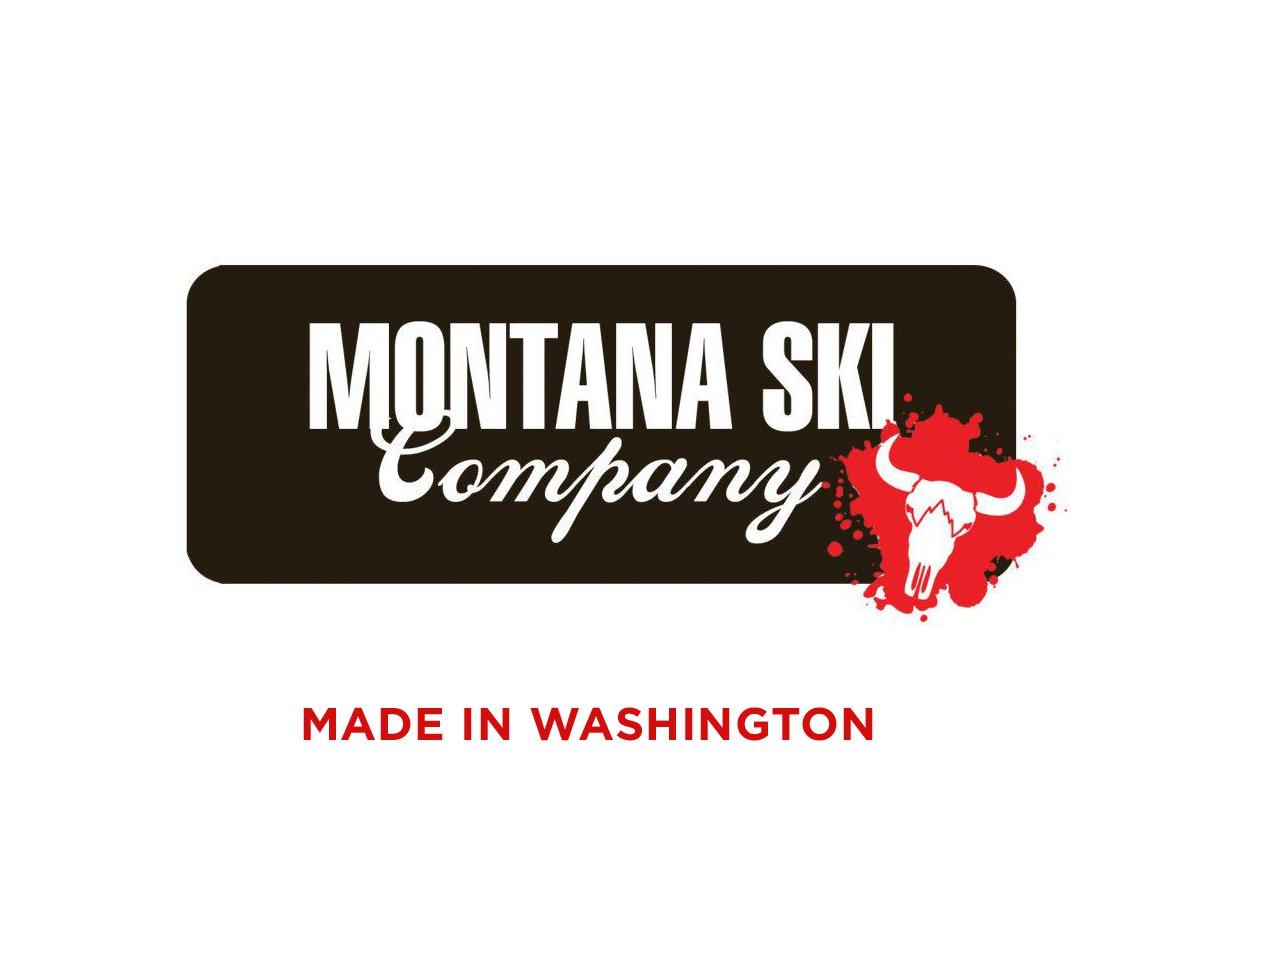 Honest Ski Company Slogans - Montana Ski Company